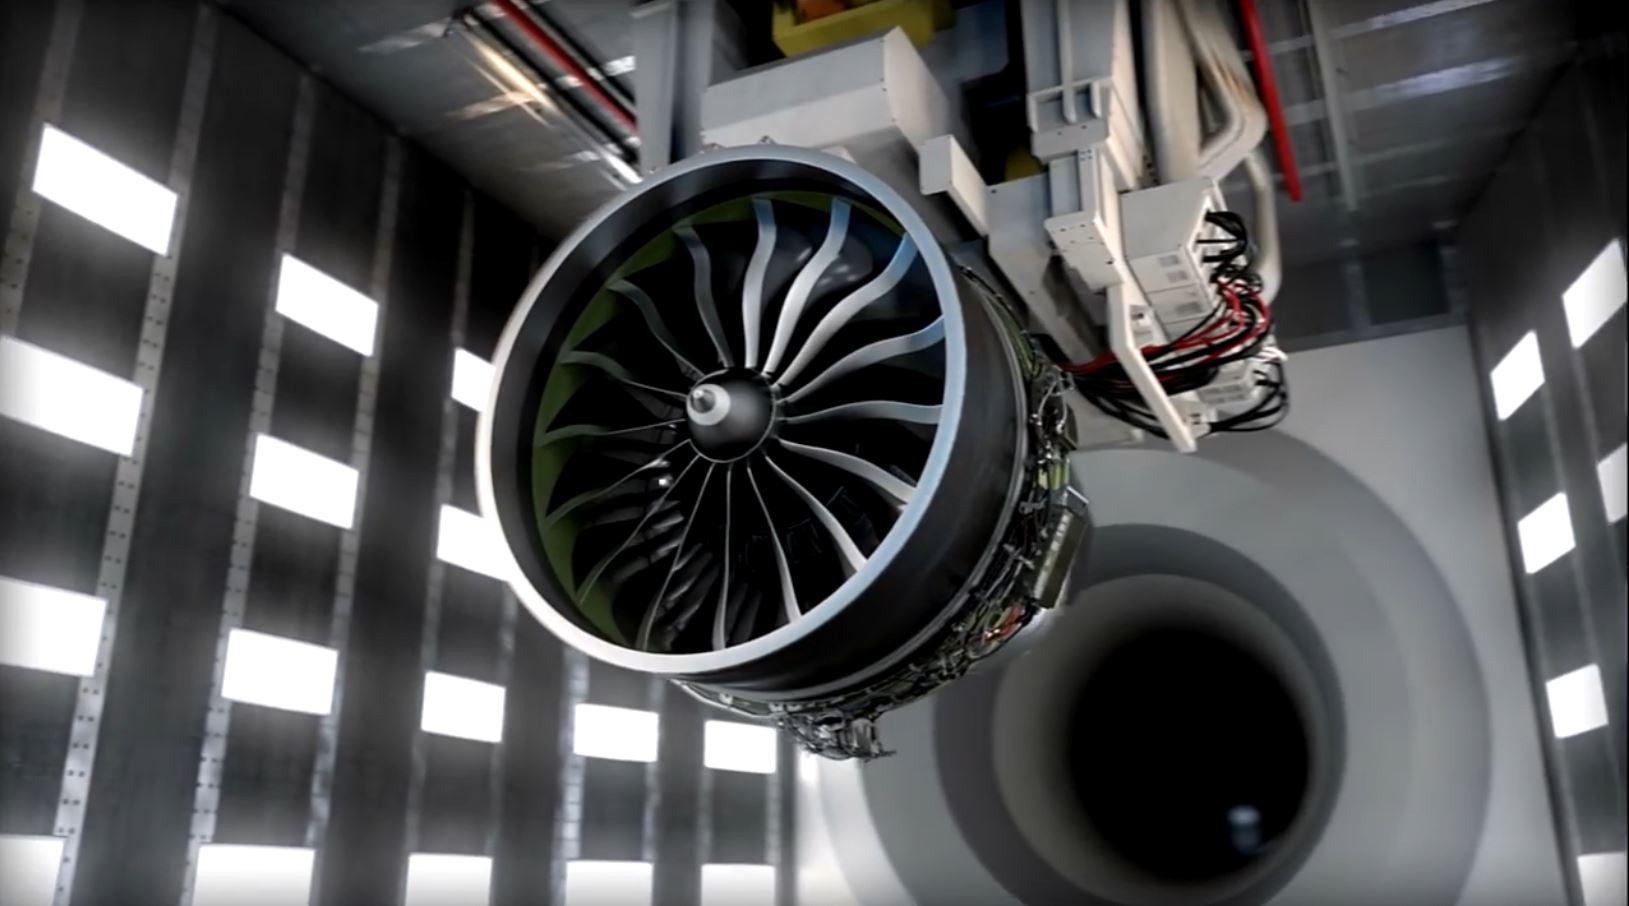 نگاهی دقیقتر به اجزای موتور جدید جیئی9اکس [فیلم]